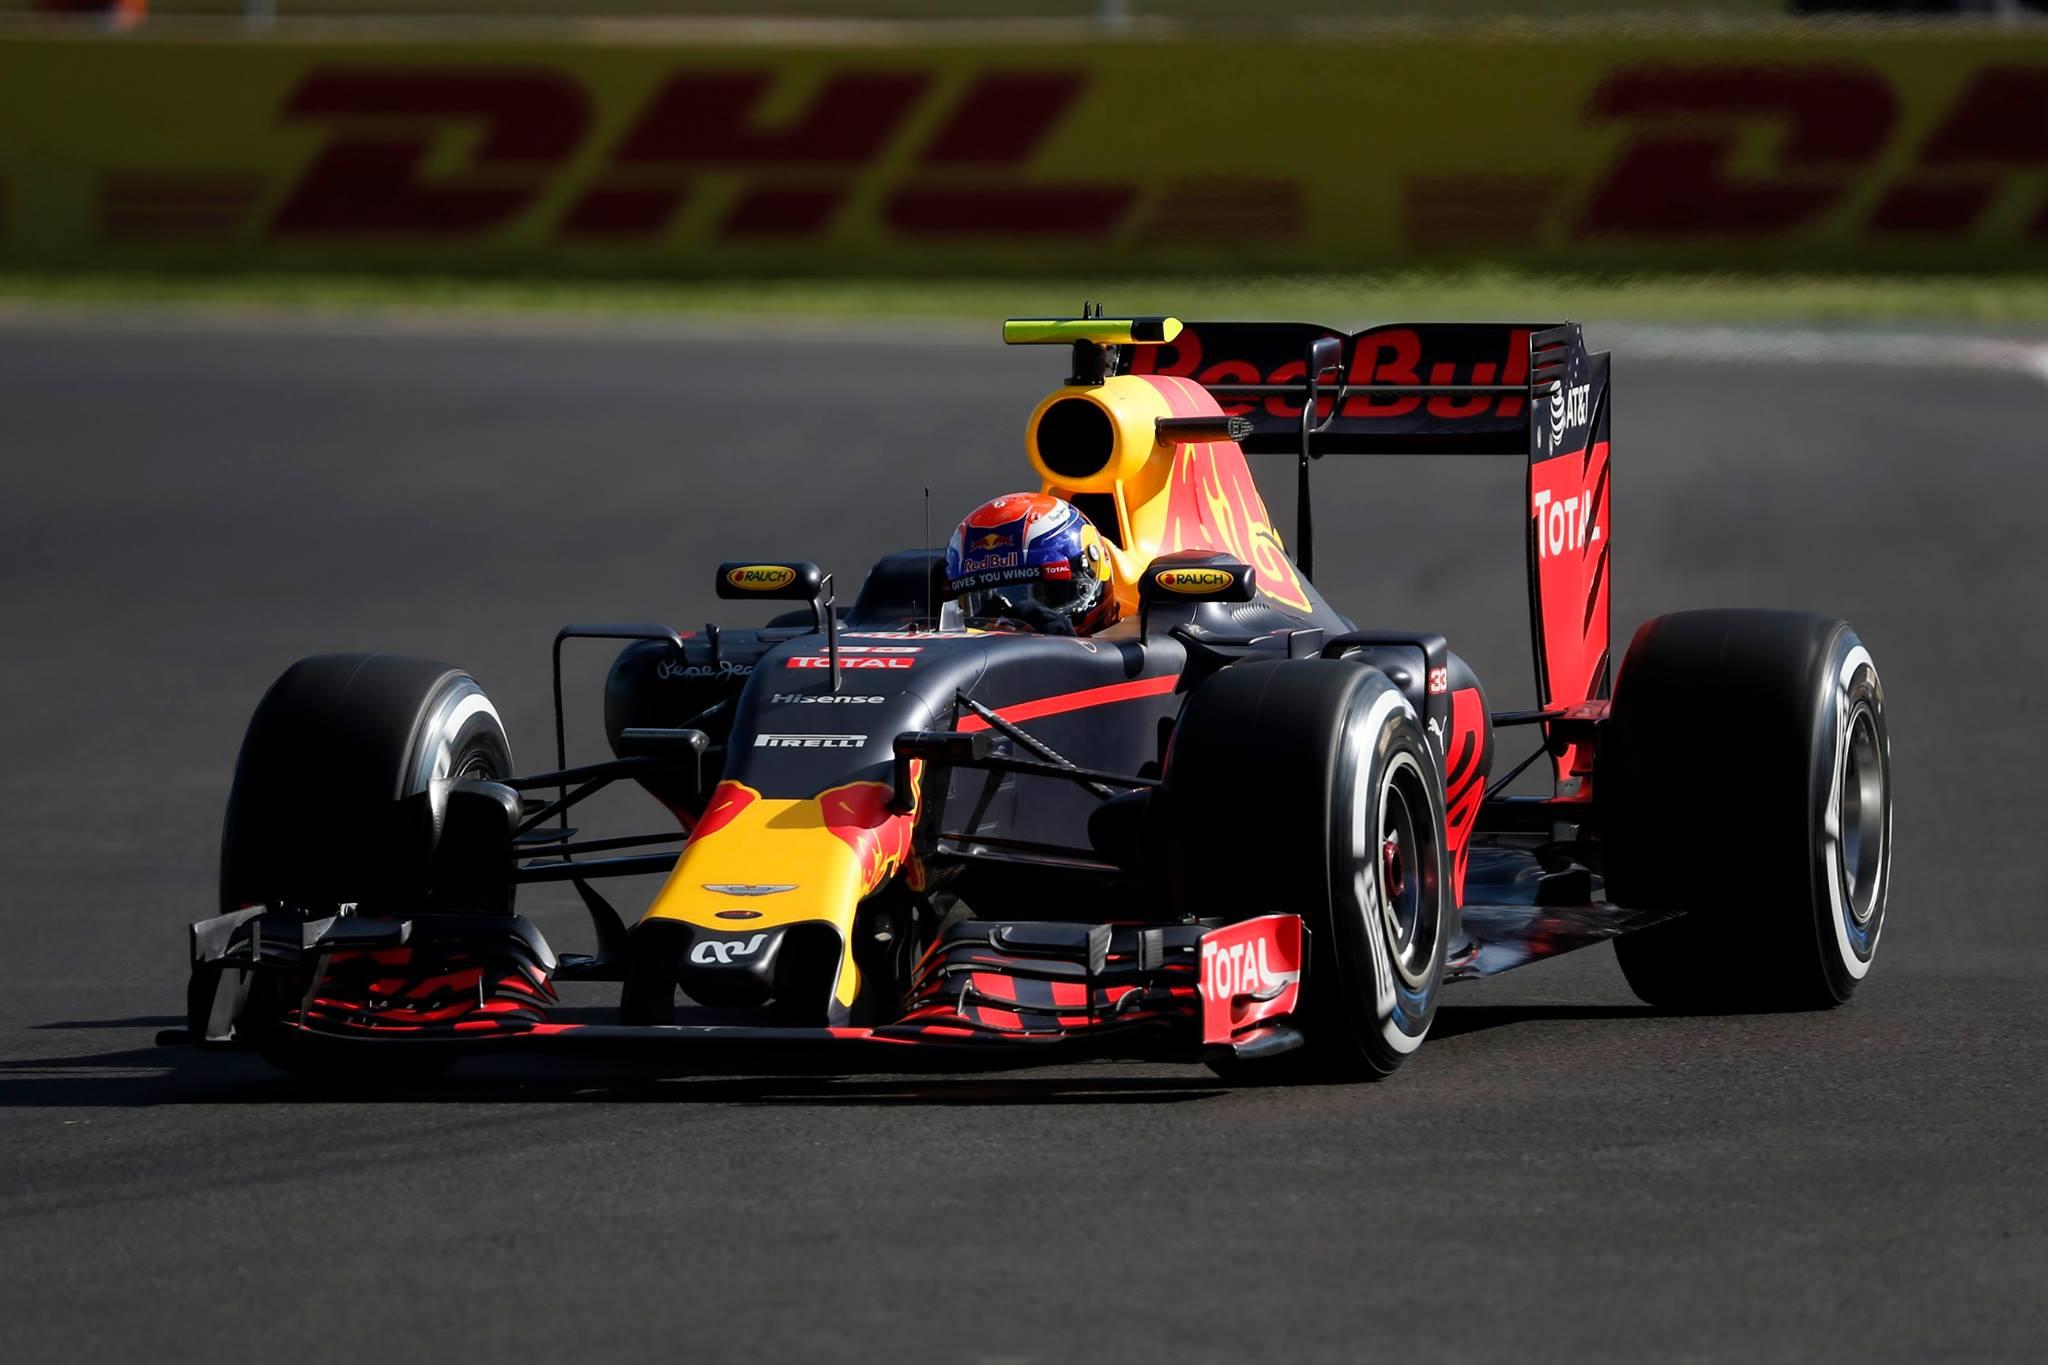 Verstappen quickest in final Mexican GP practice